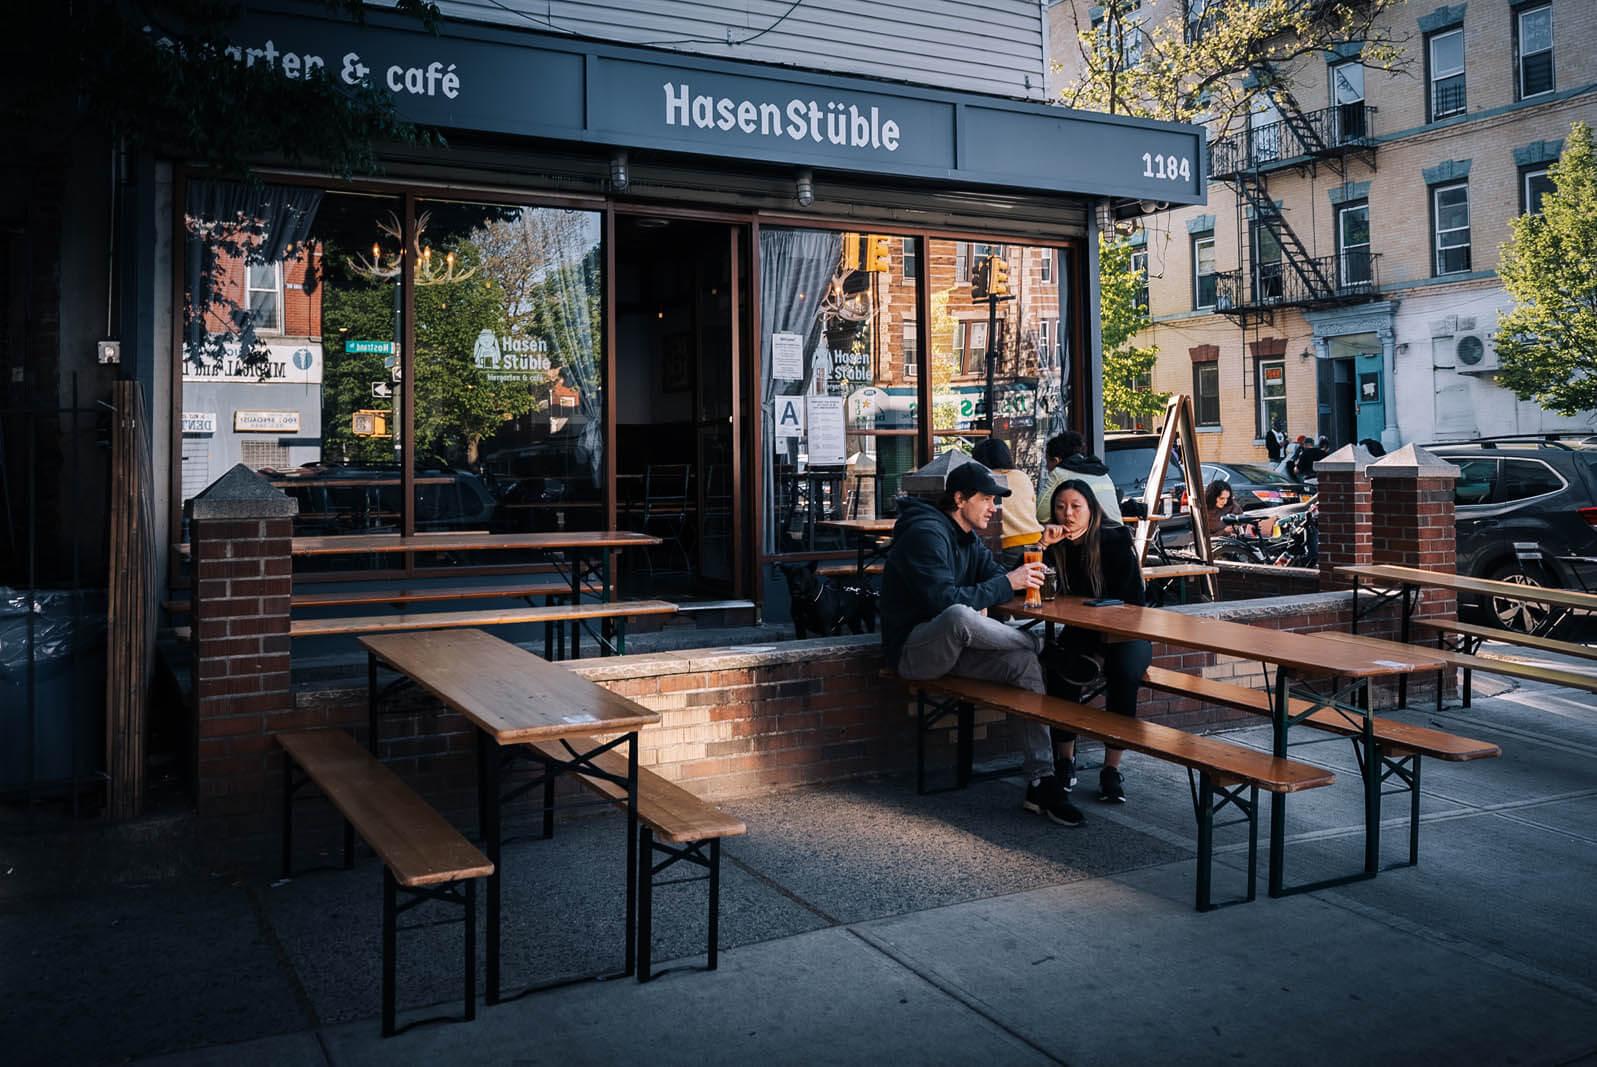 Hasenstuble beer garden in Prospect Lefferts Gardens Brooklyn